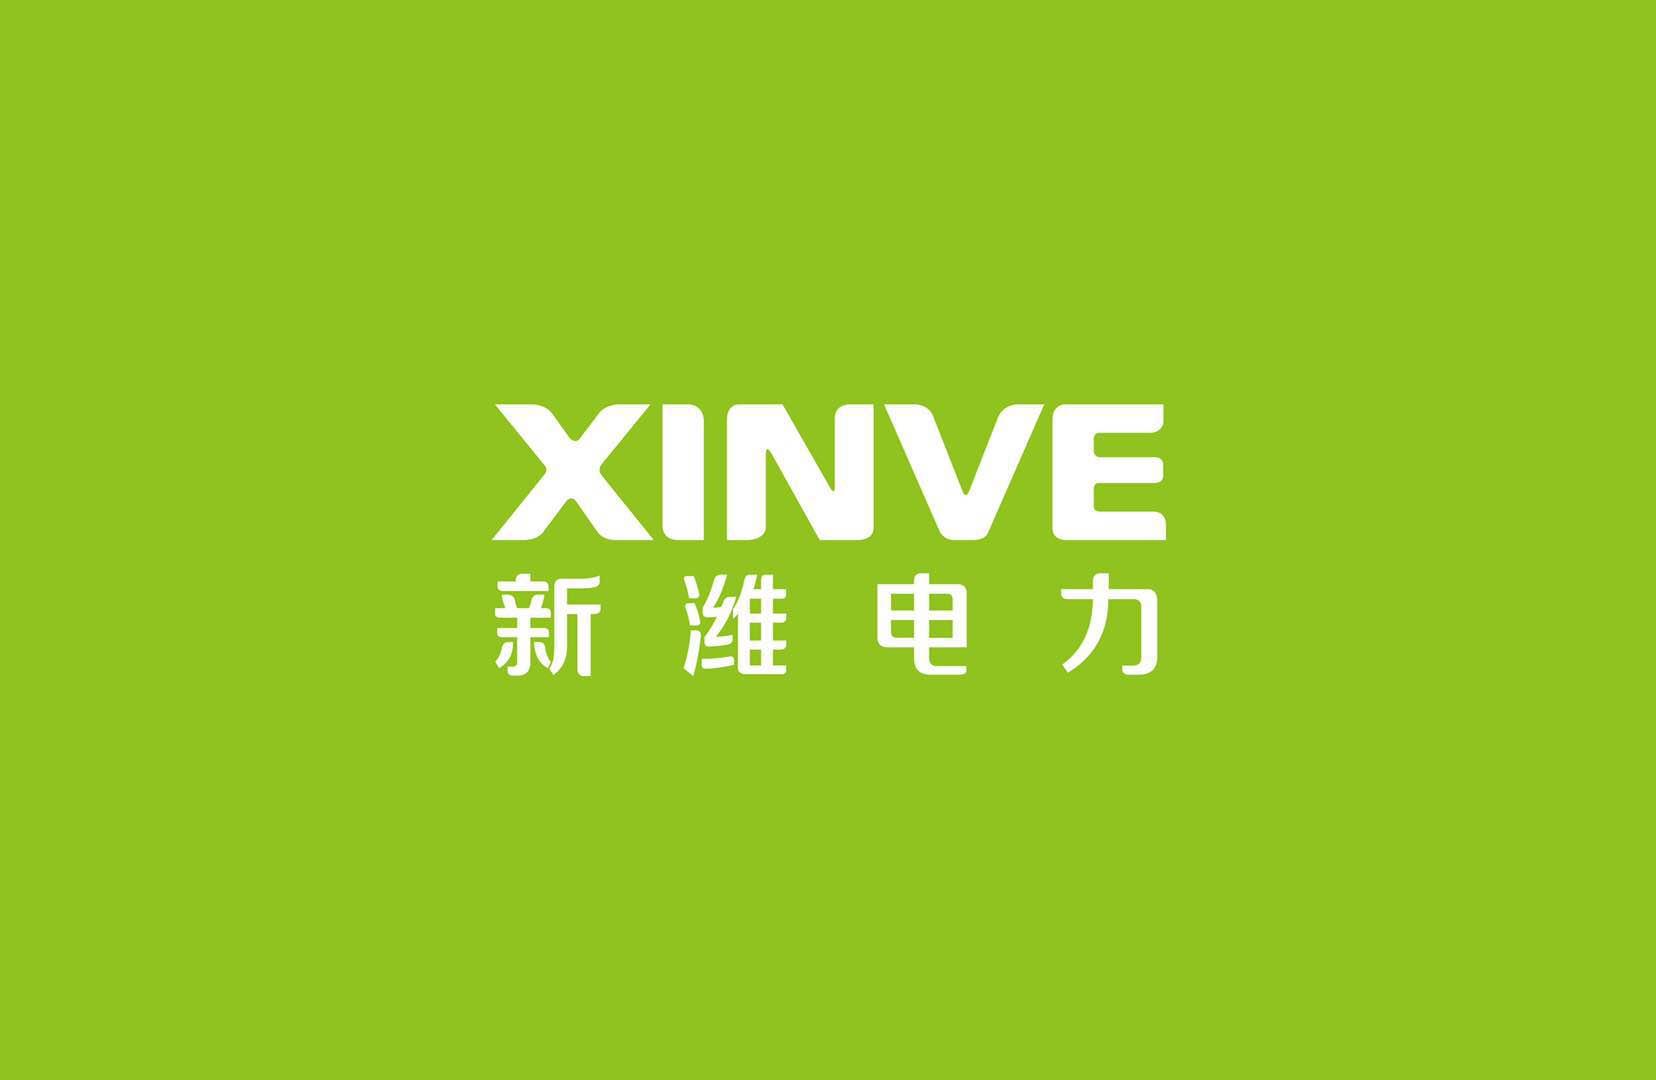 江苏新潍电力科技有限公司招聘小车司机